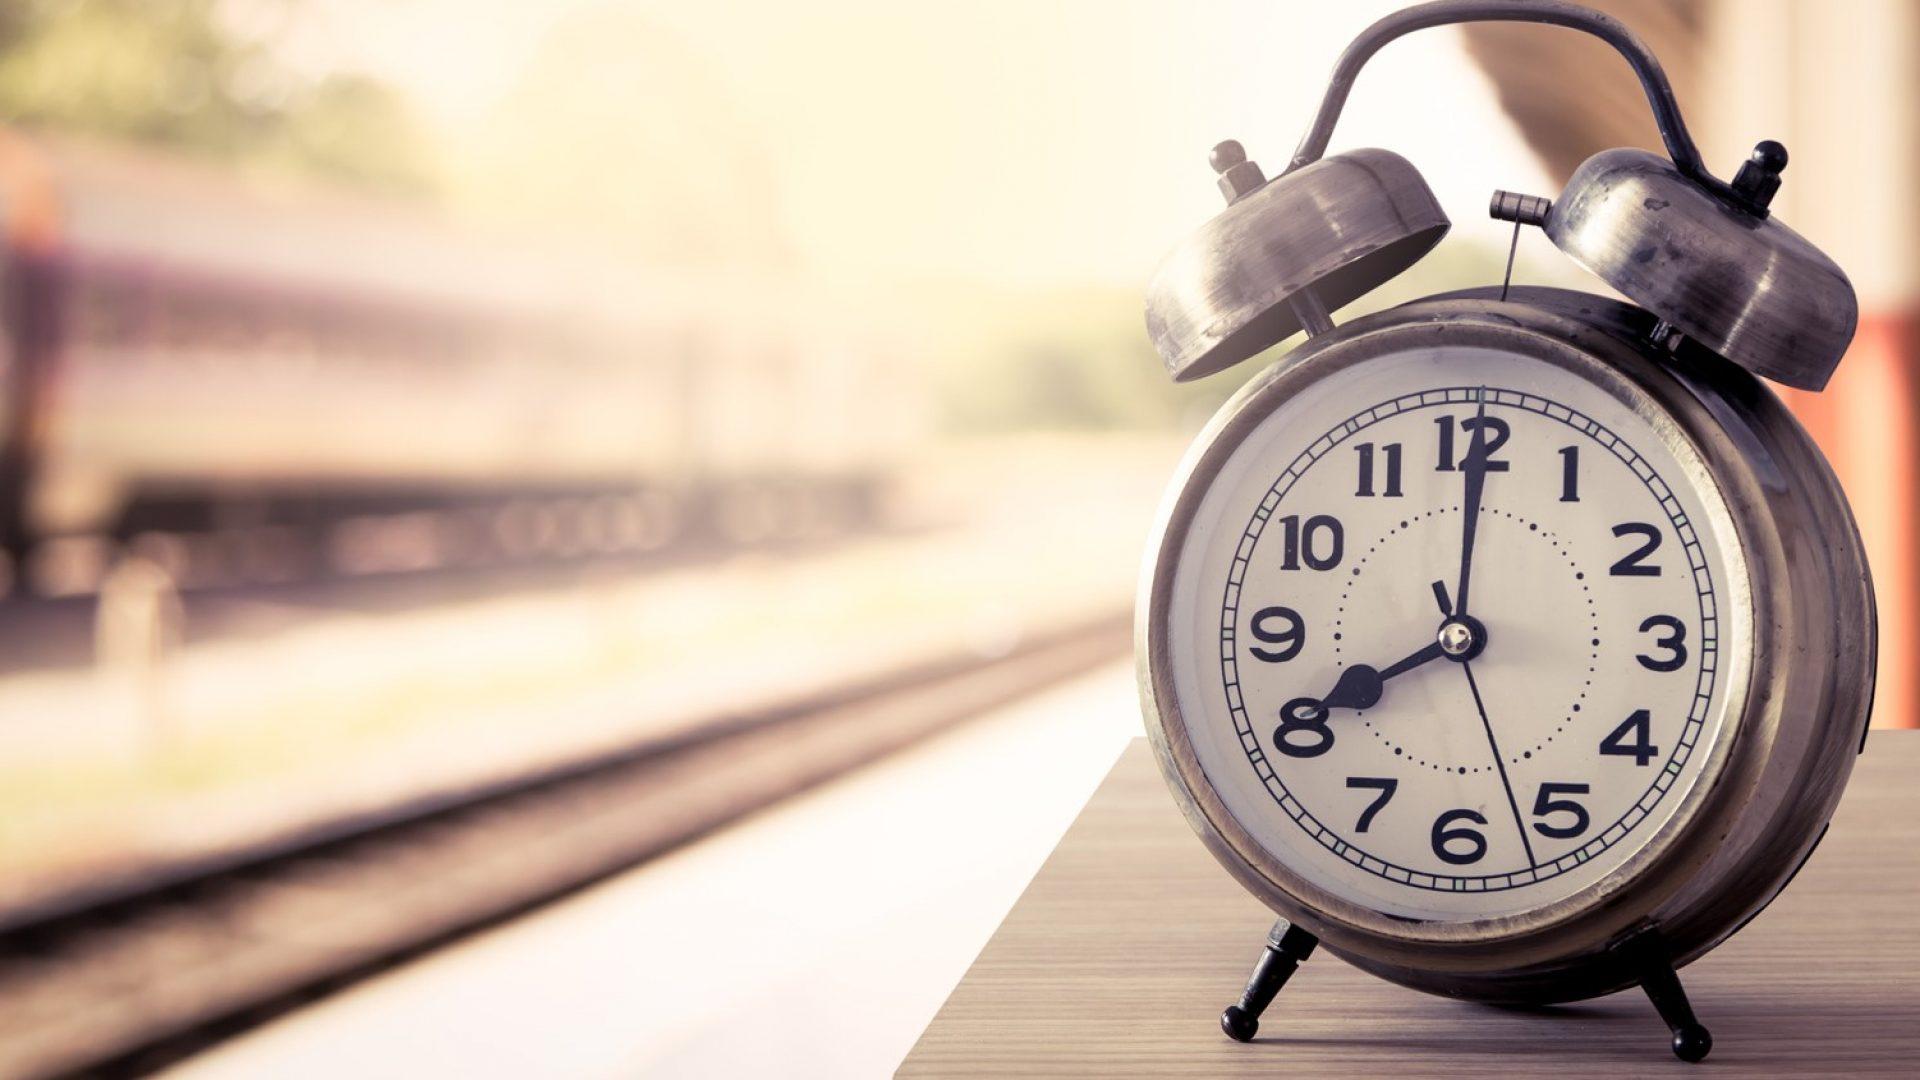 Wecker auf einem Bahnsteig